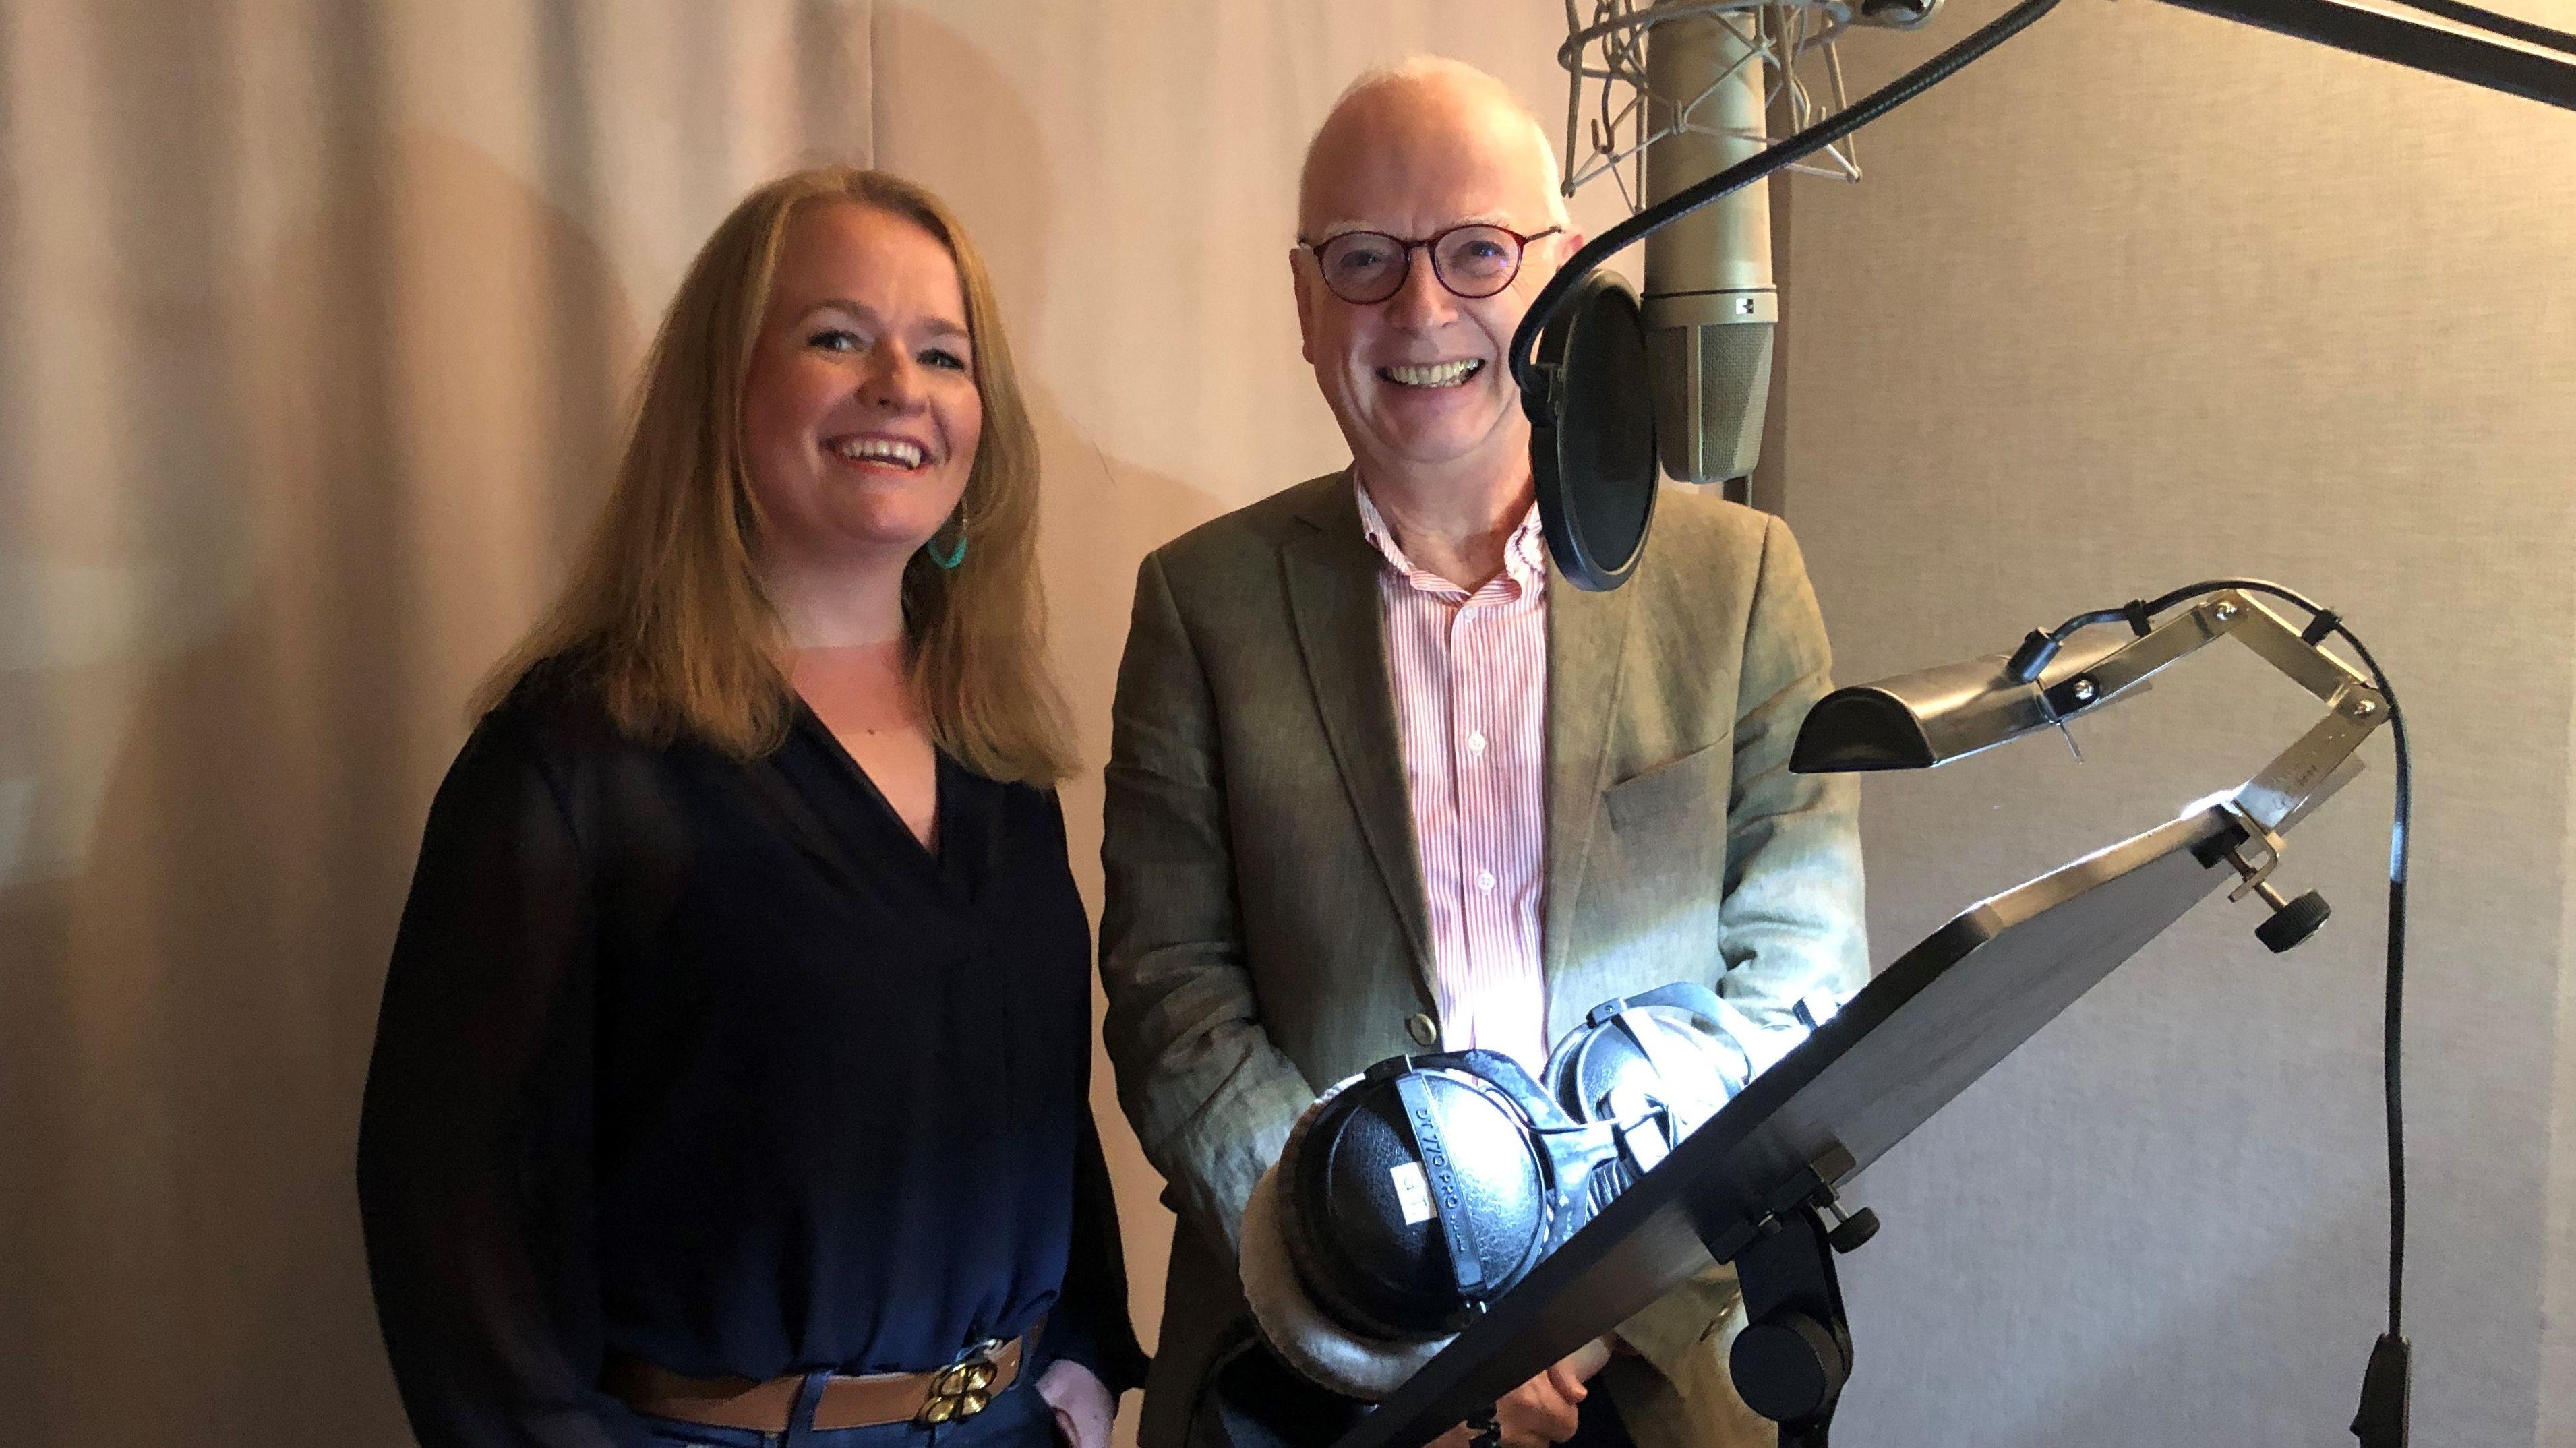 Regina Wallner und Graham Baxter in einem Tonstudio.